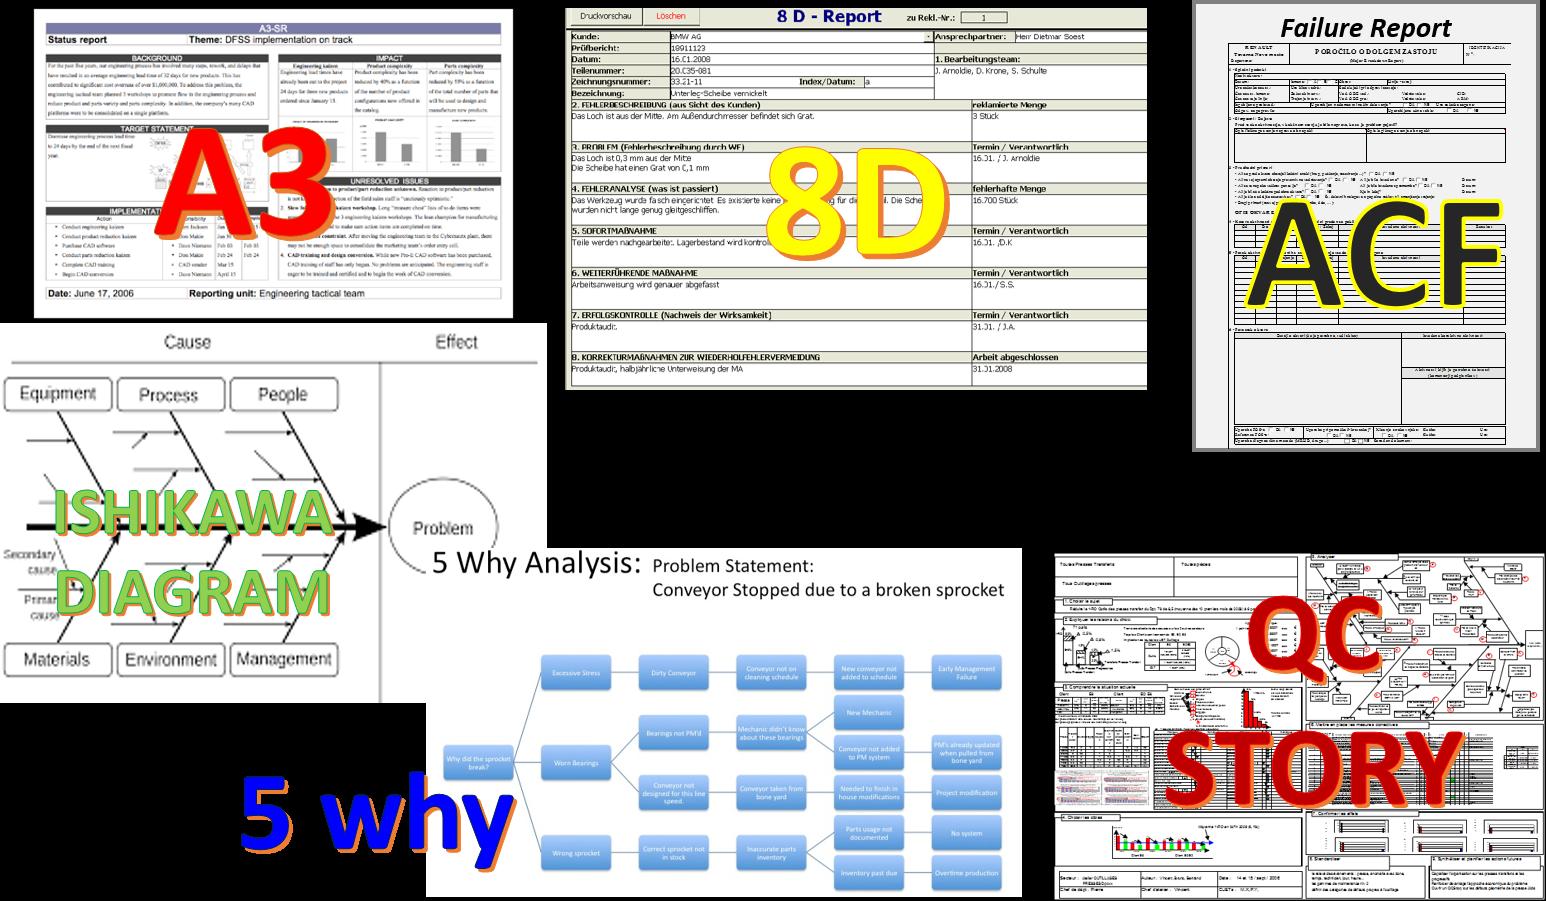 Reševanje problemov - zbirnik elementov za uspešno analizo